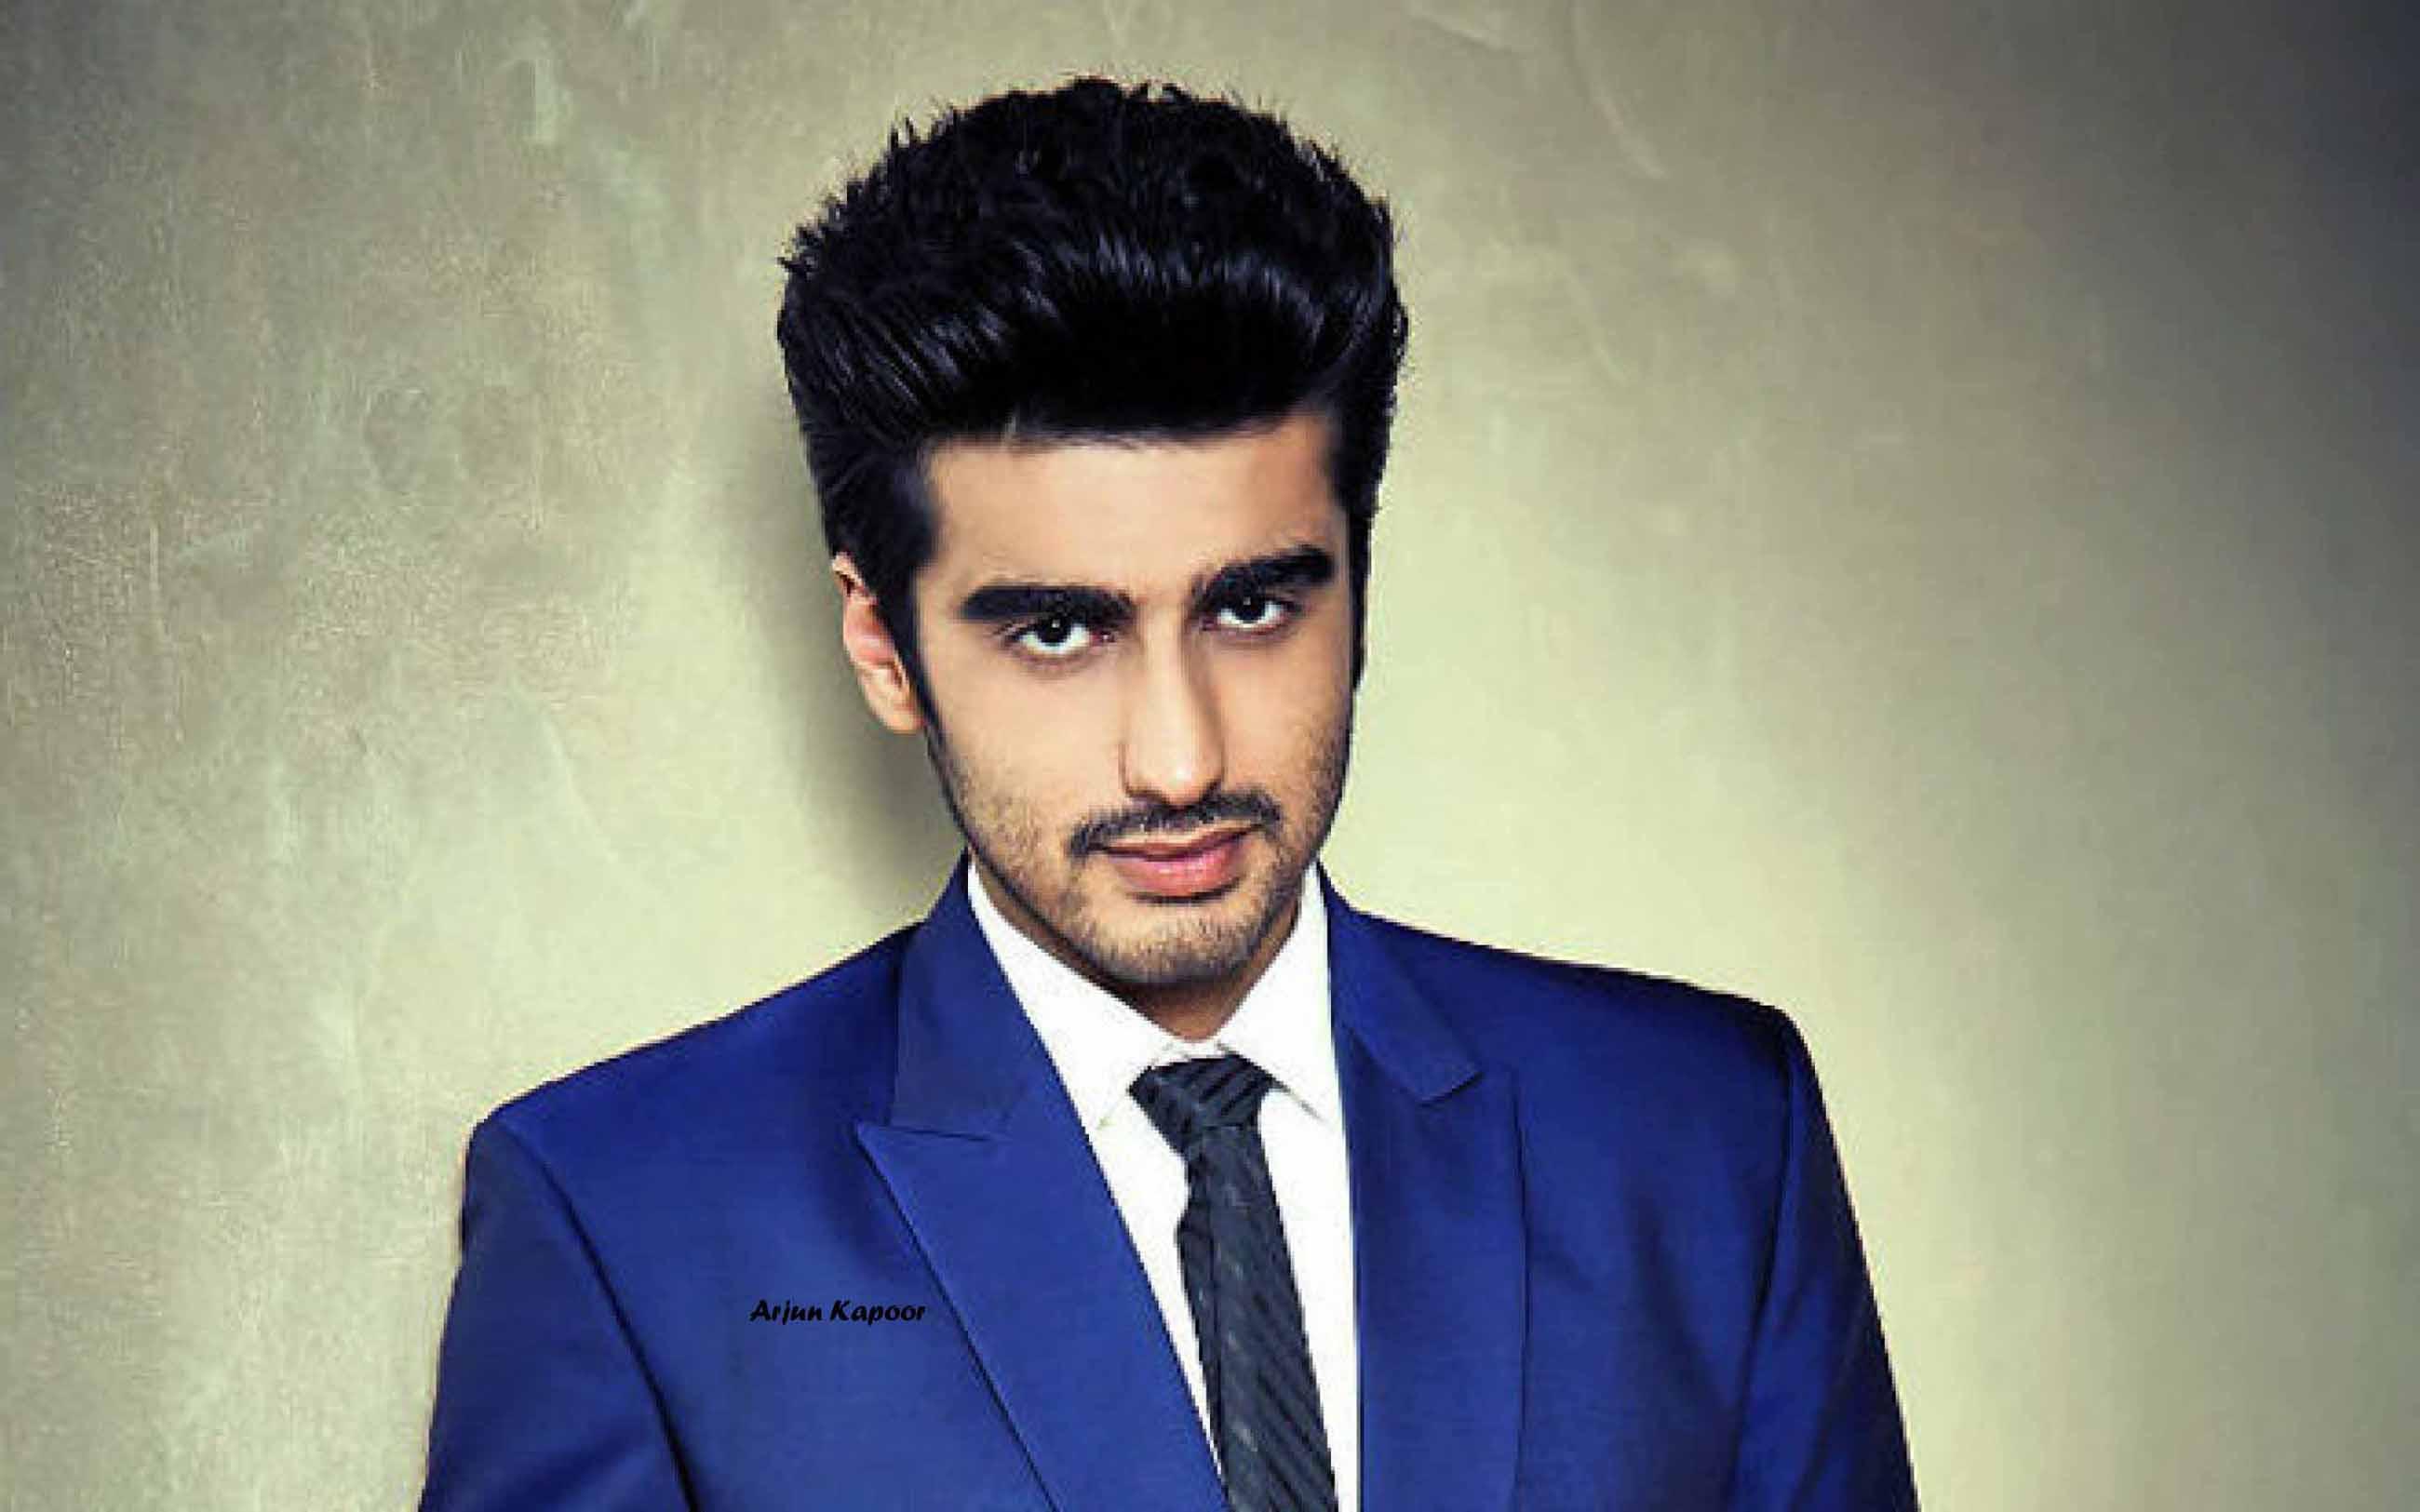 Handsome Arjun Kapoor Photos